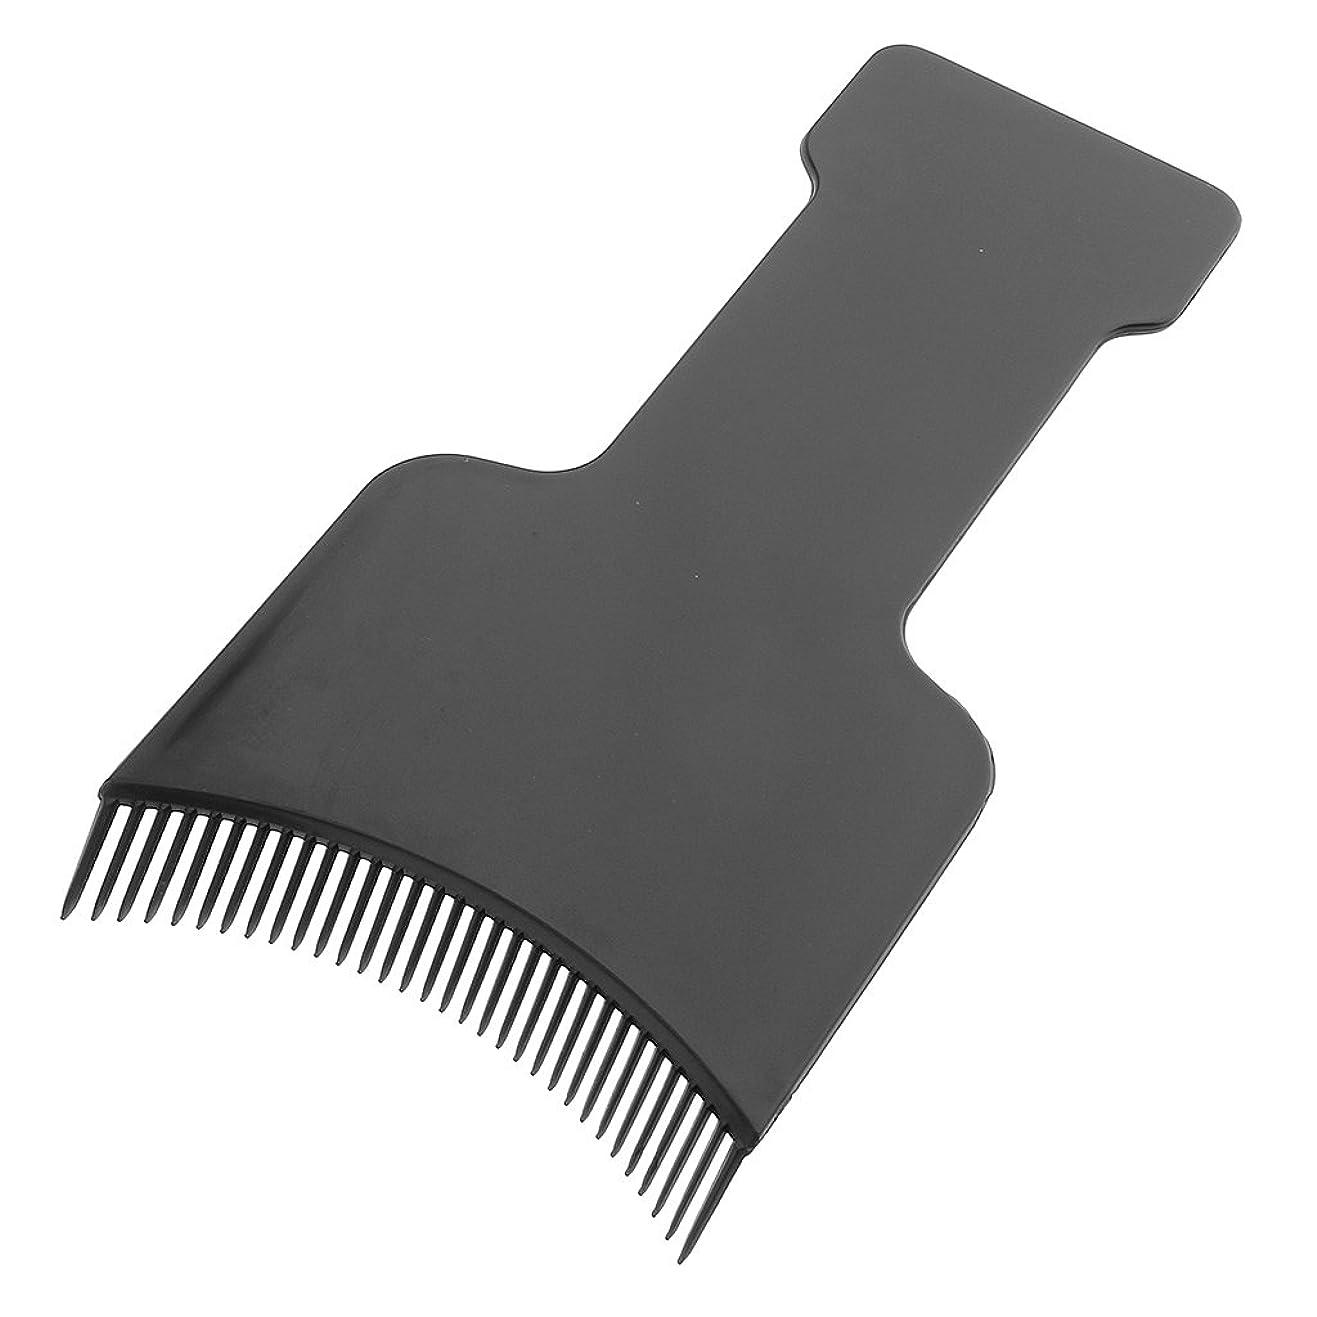 結核動物園革命Perfeclan ヘアカラーボード サロン ヘアカラー 美容 ヘア ツール 髪 保護 ブラック 全4サイズ - S